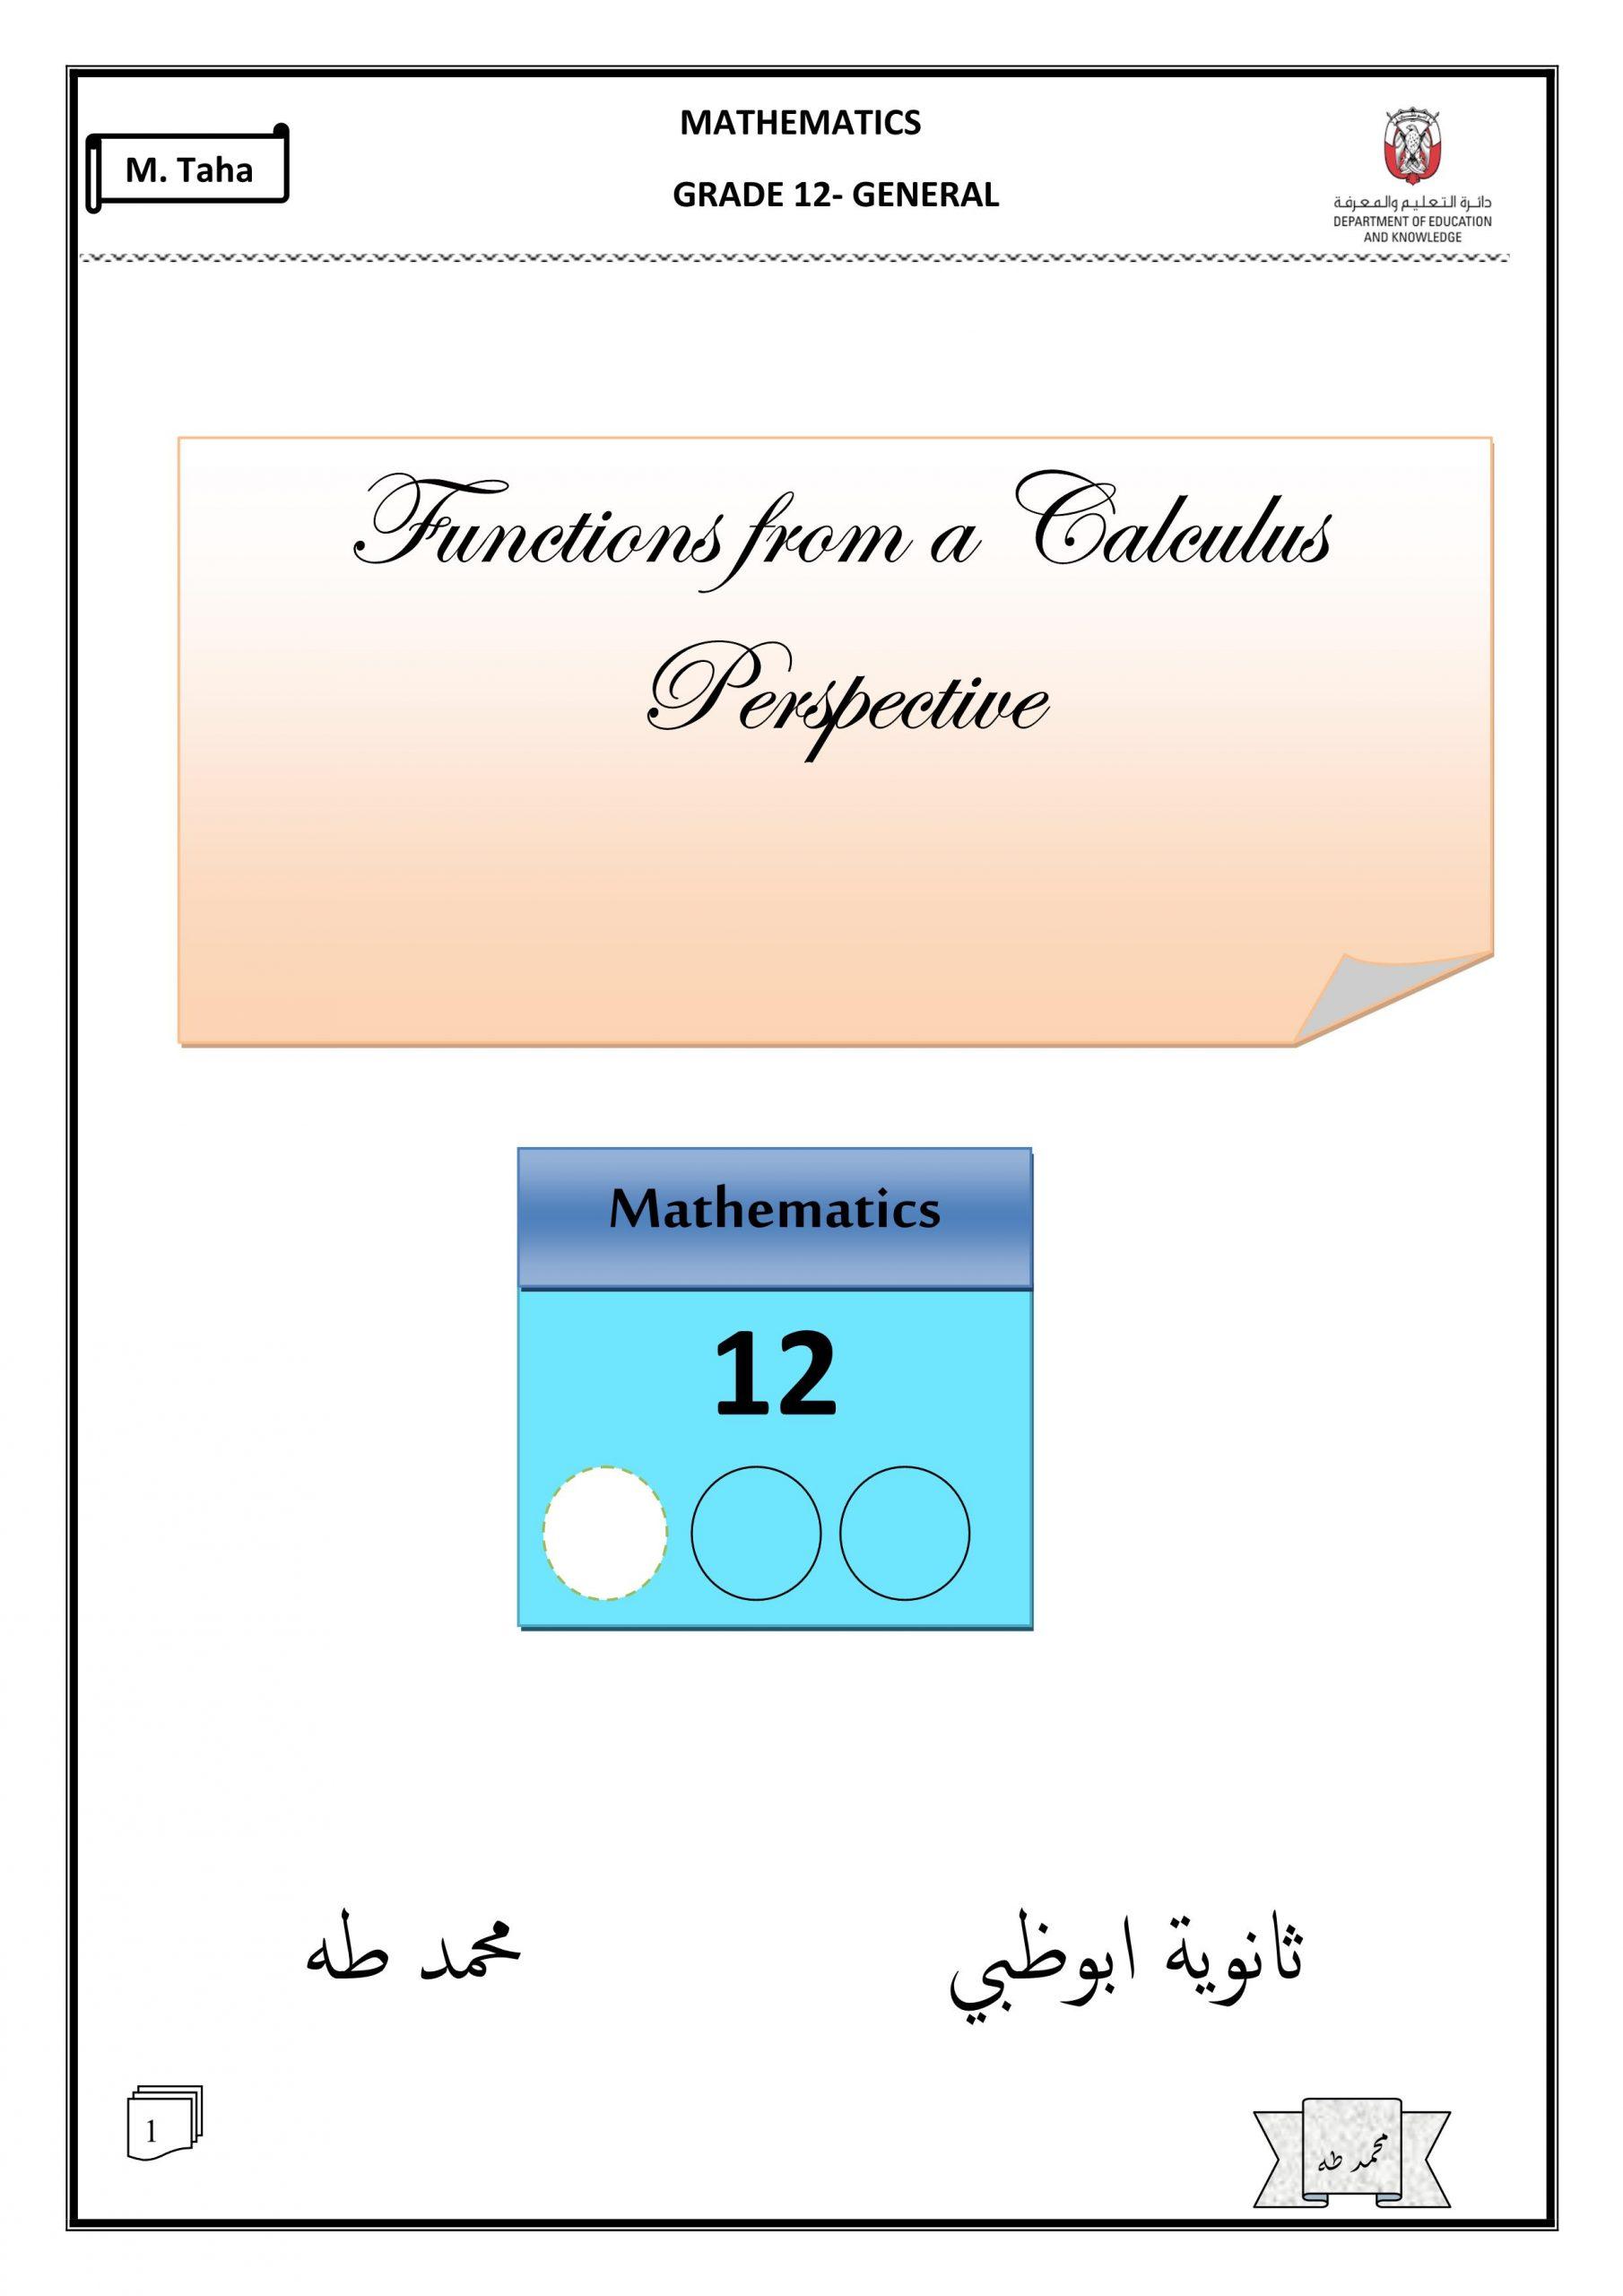 اوراق عمل مراجعة بالانجليزي اللصف الثاني عشر عام مادة الرياضيات المتكاملة